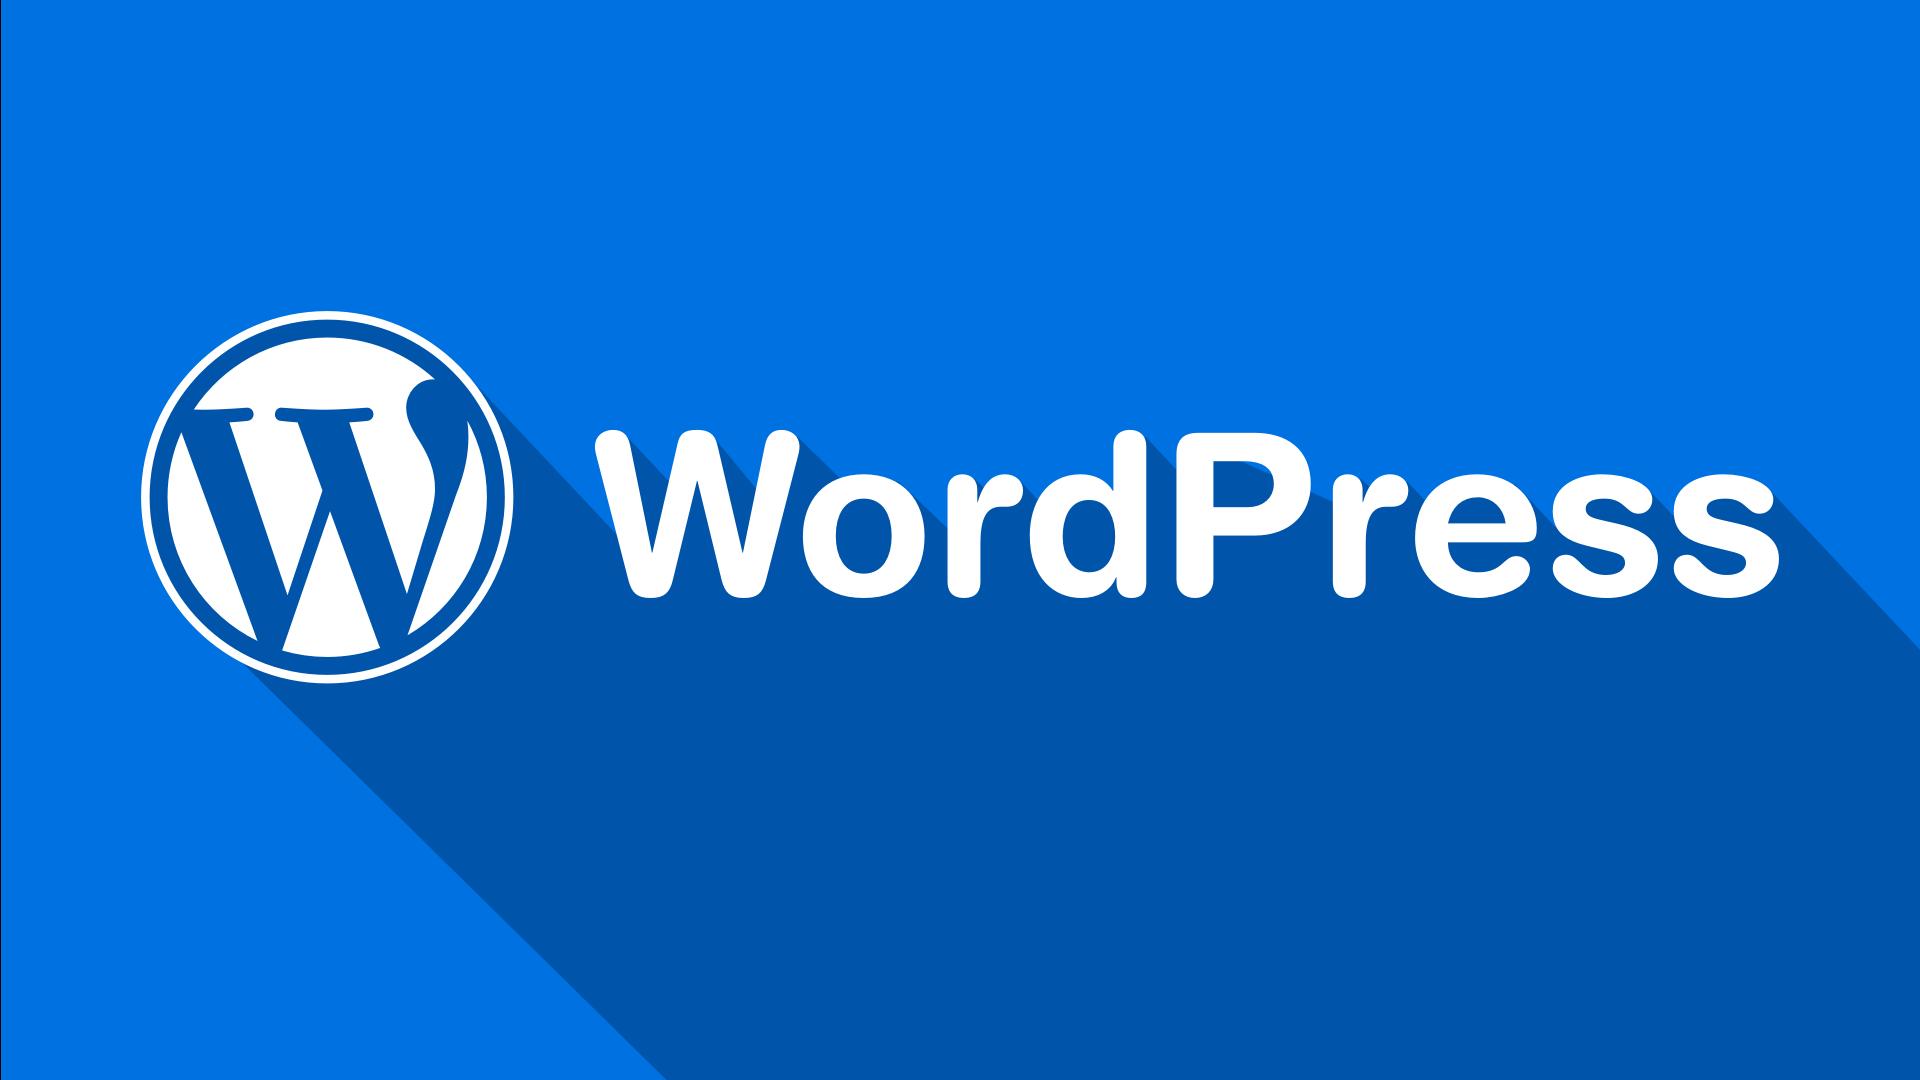 ow to create an optin page wordpress